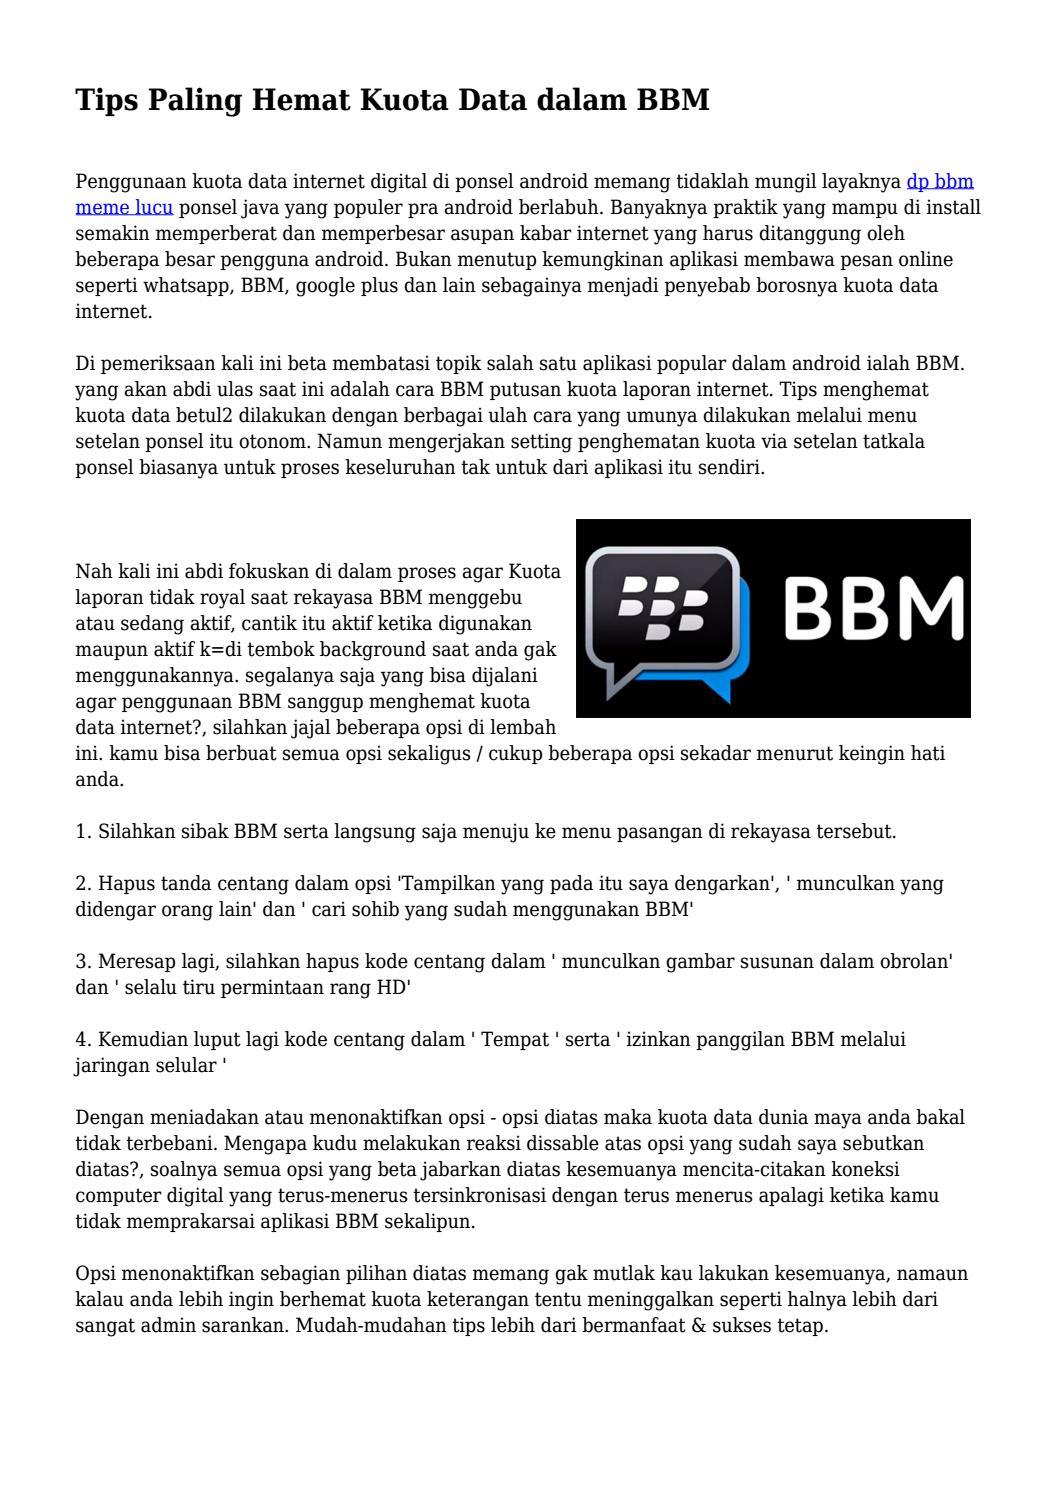 Tips Paling Hemat Kuota Data Dalam BBM By Cepattekno